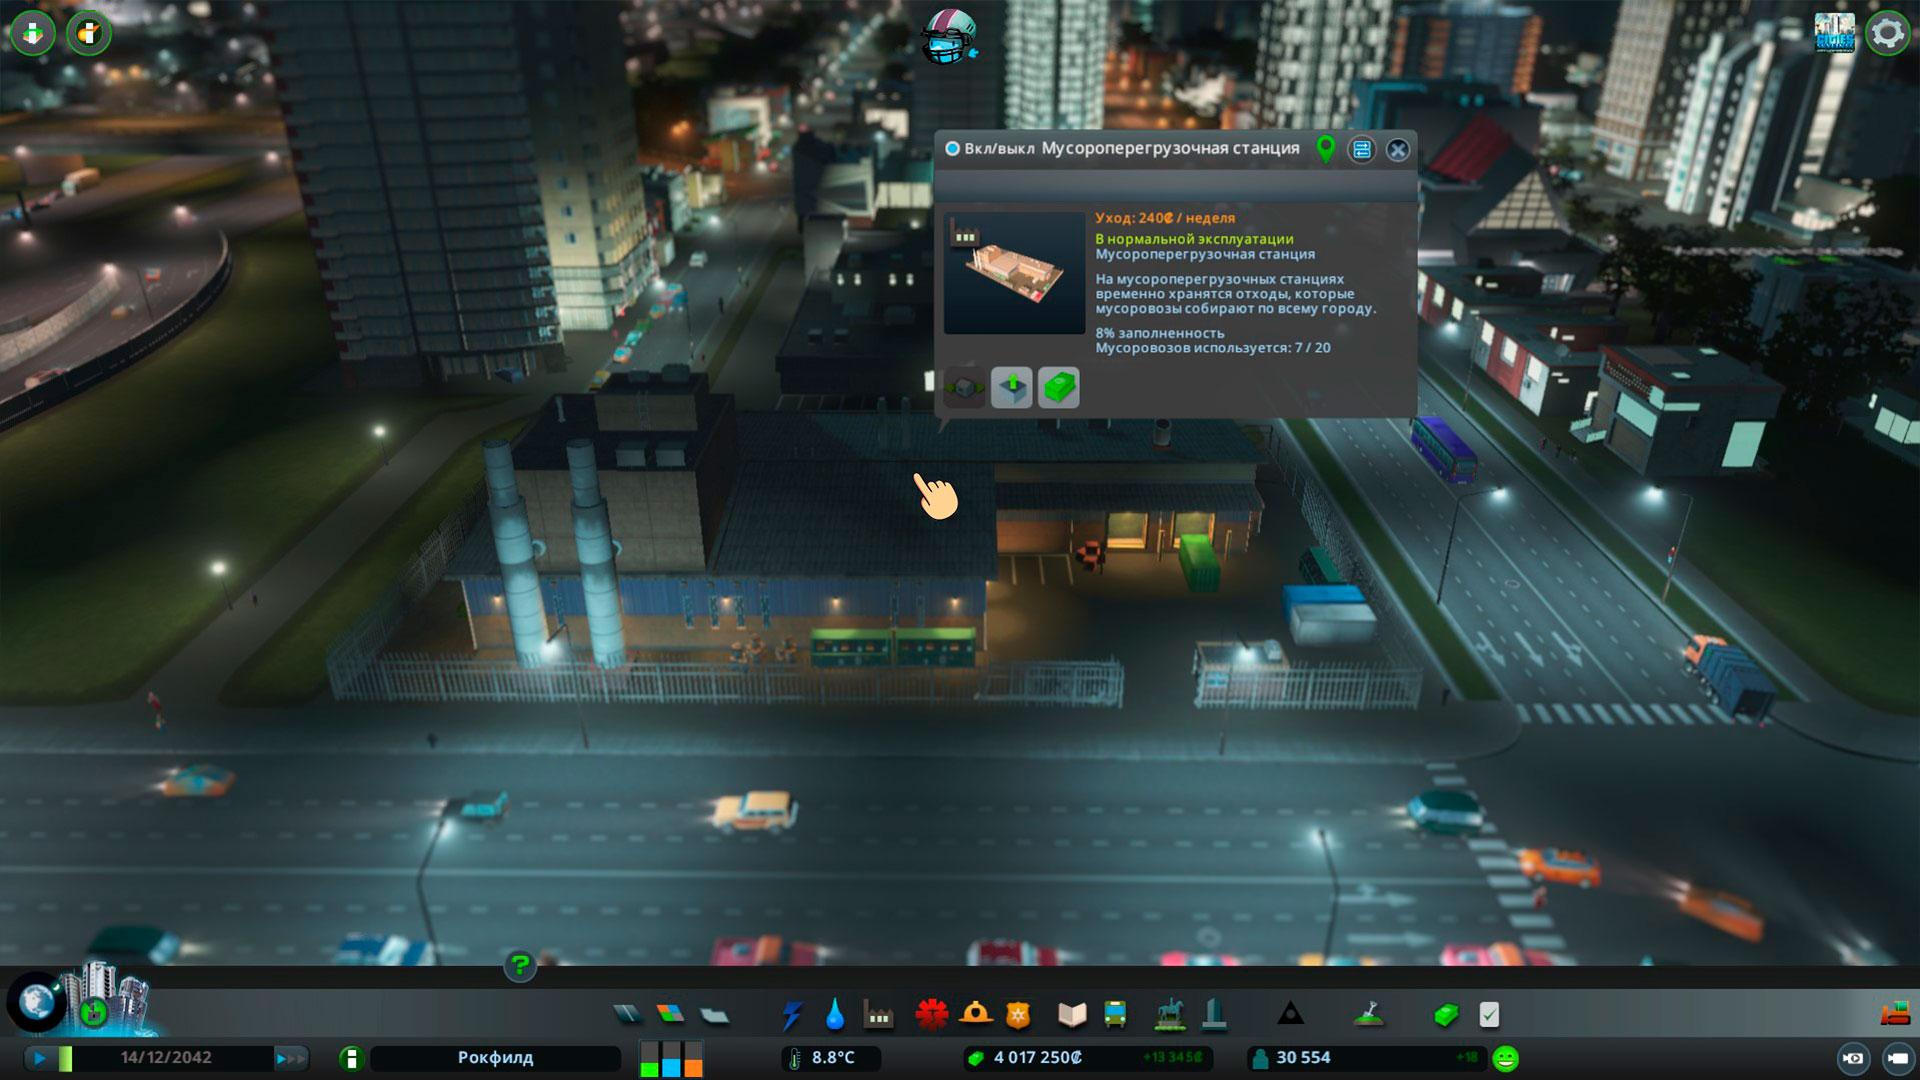 Мусороперегрузочные станции cities skylines